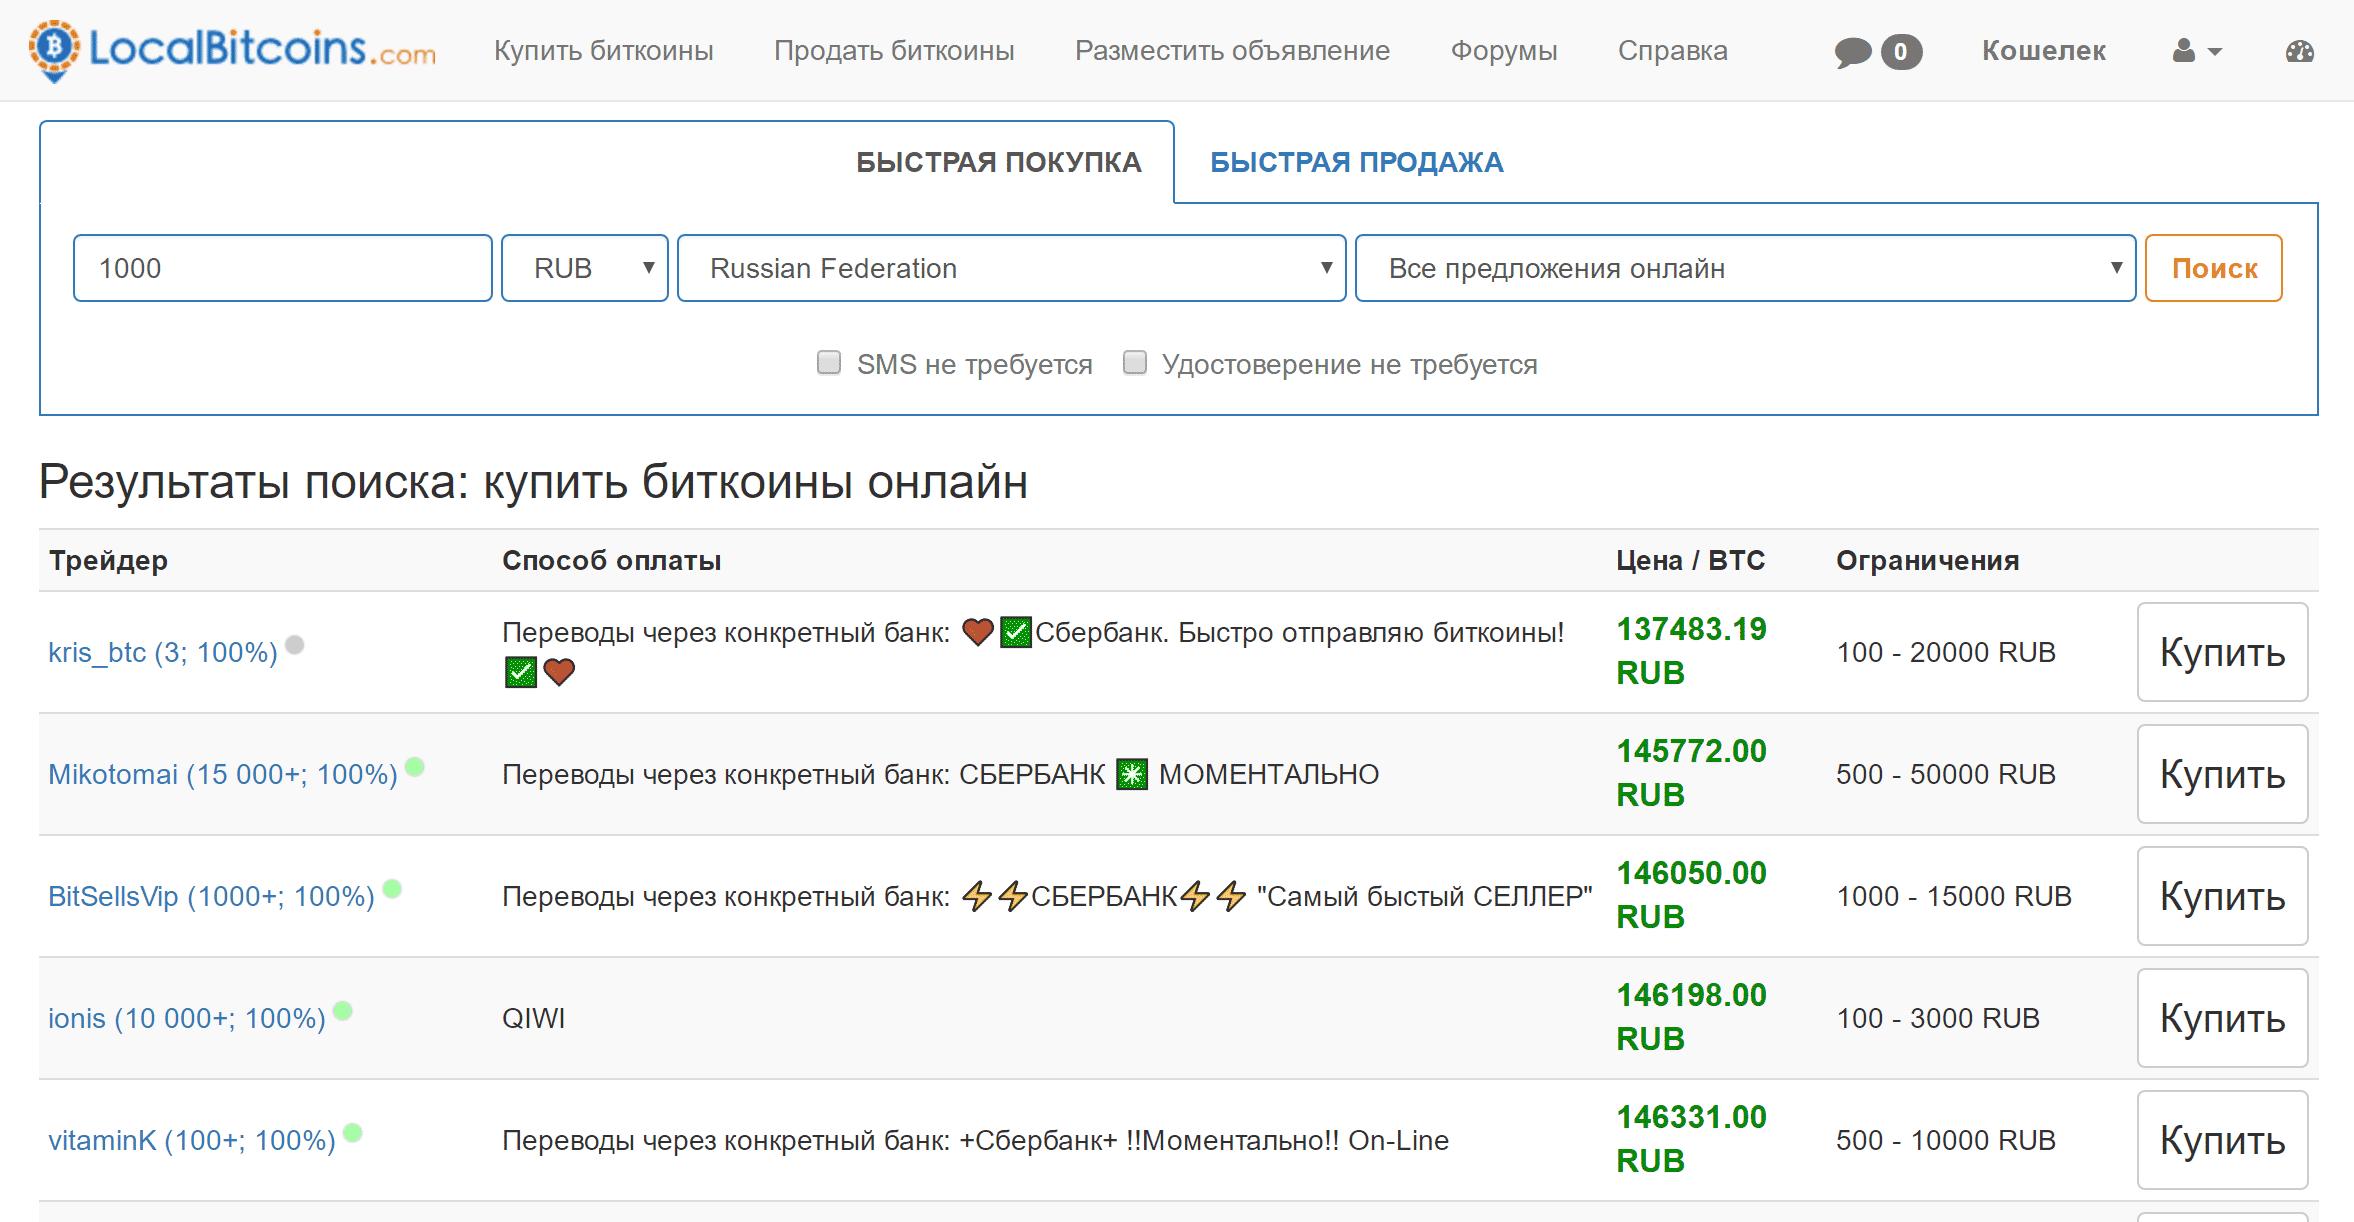 letét bitcoinokban keresztül)